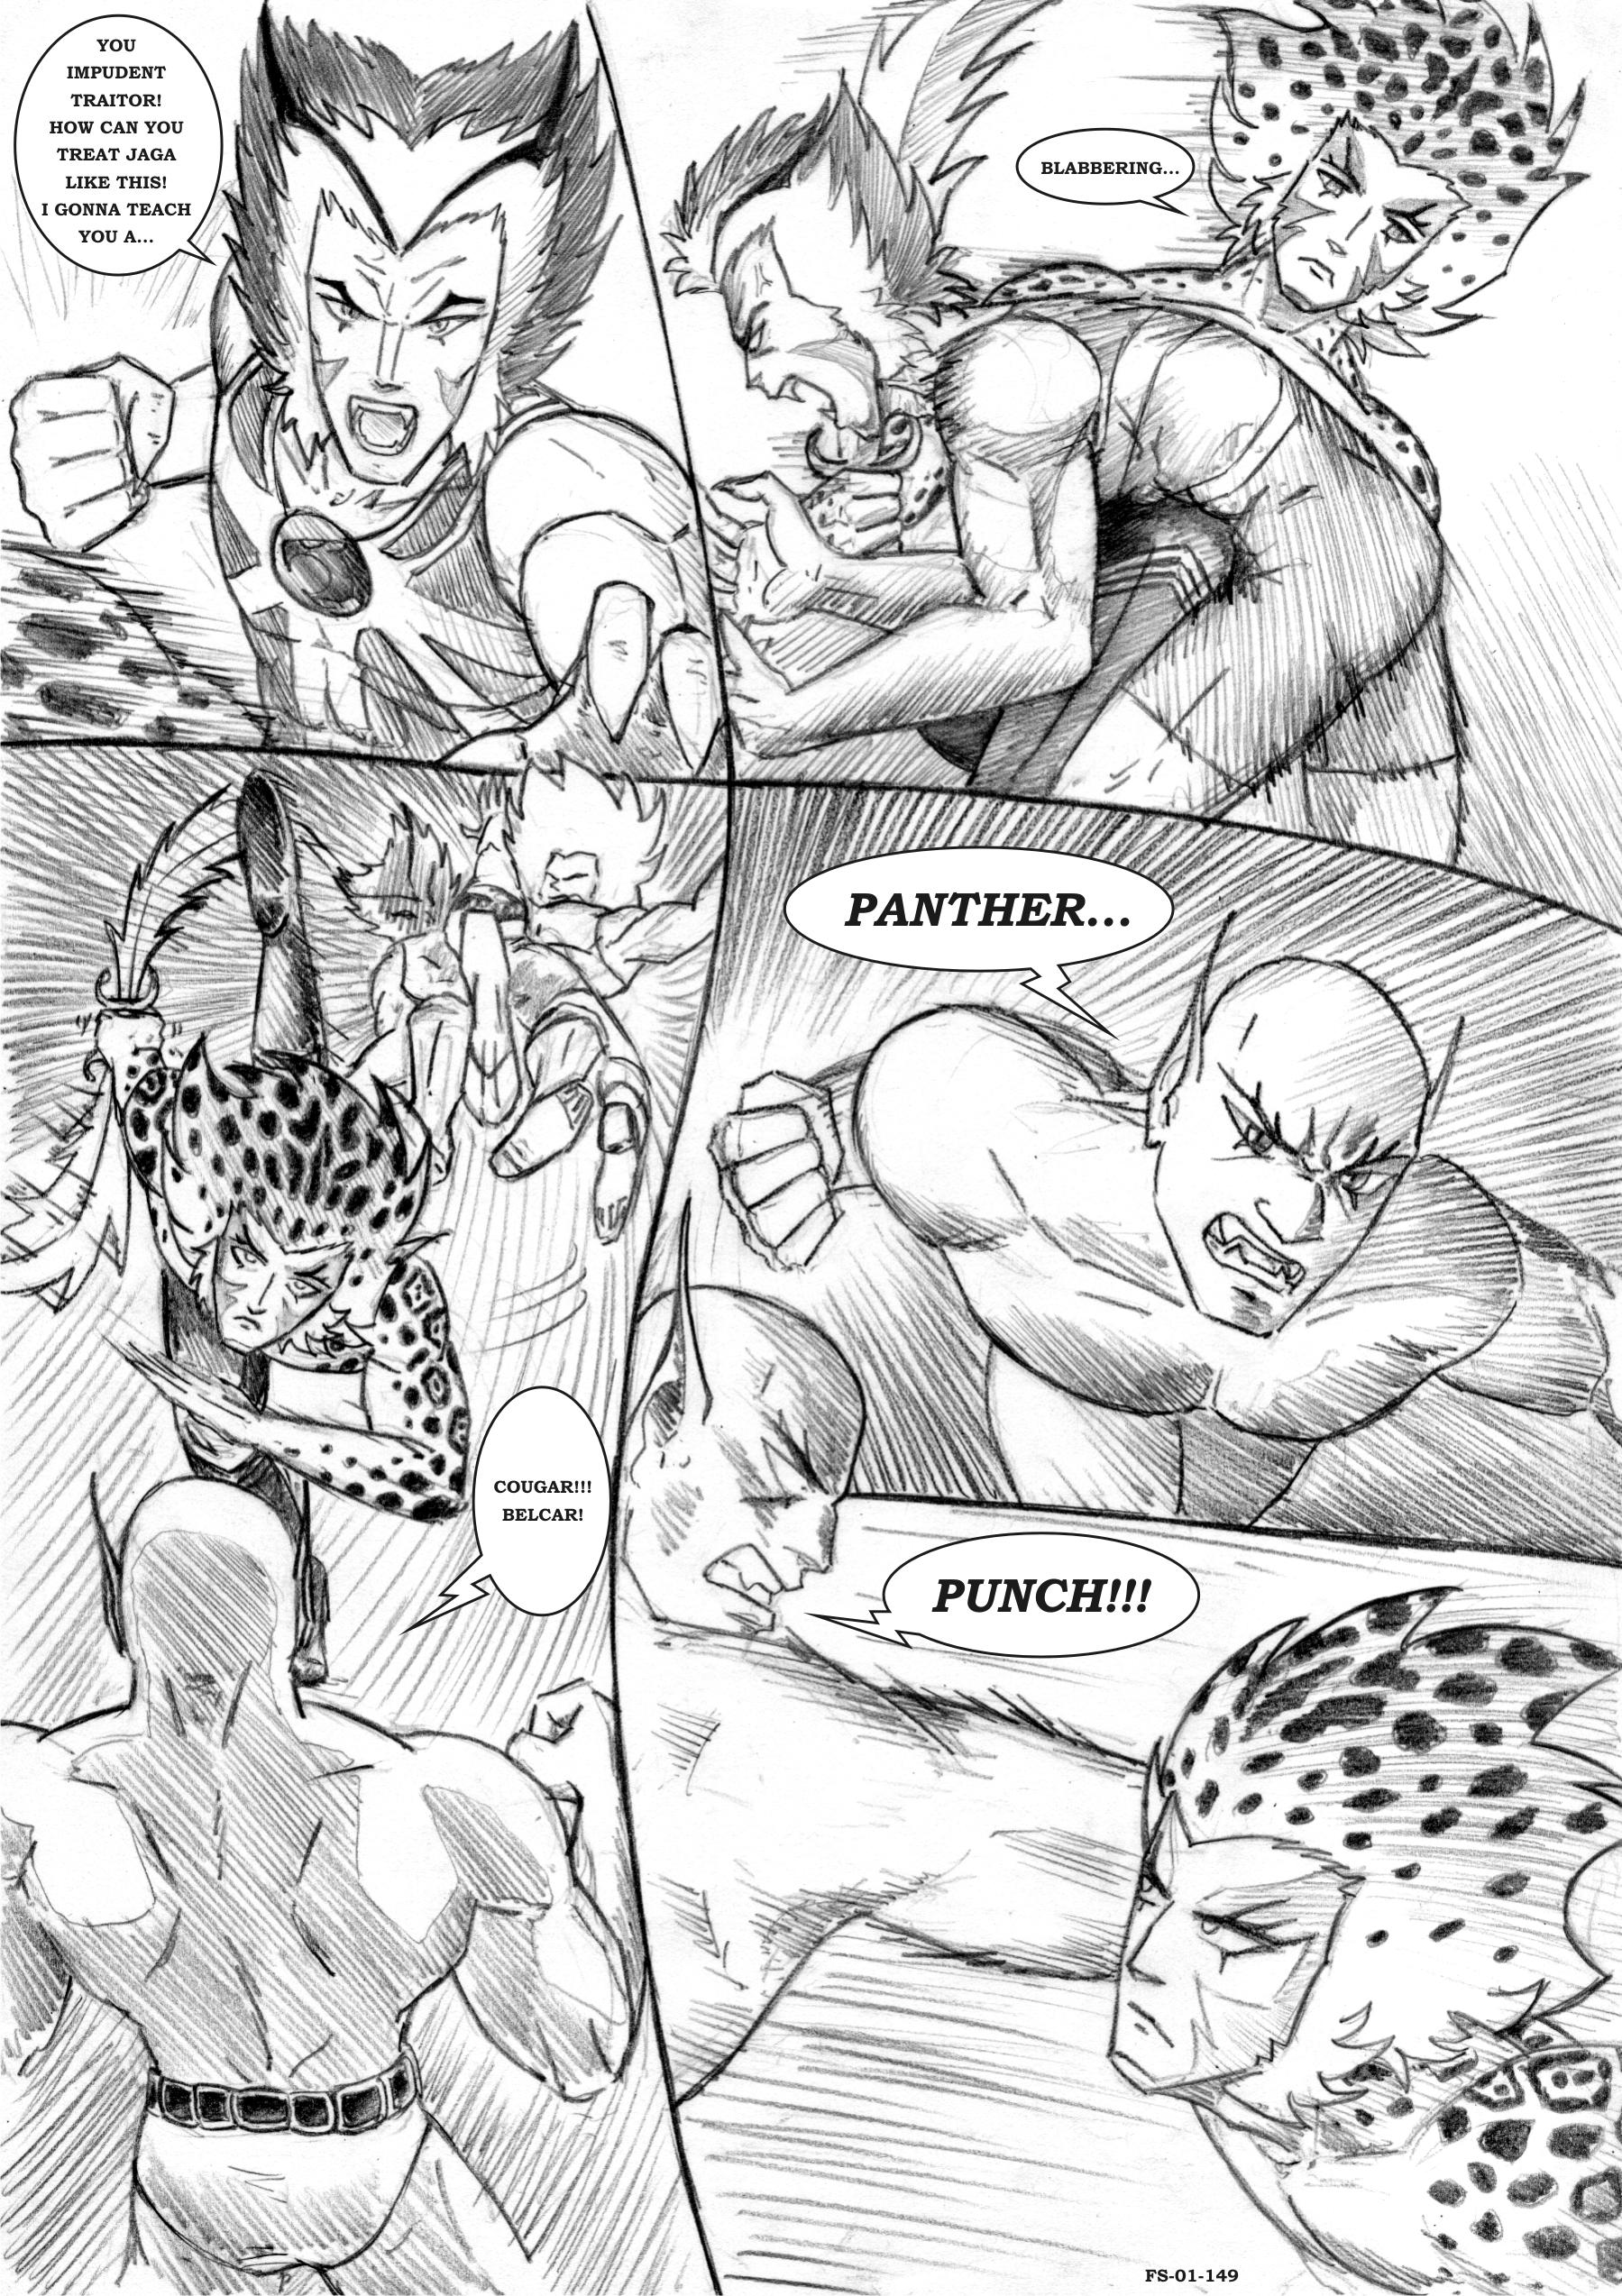 Thundercats 01-149 by Gugaaa